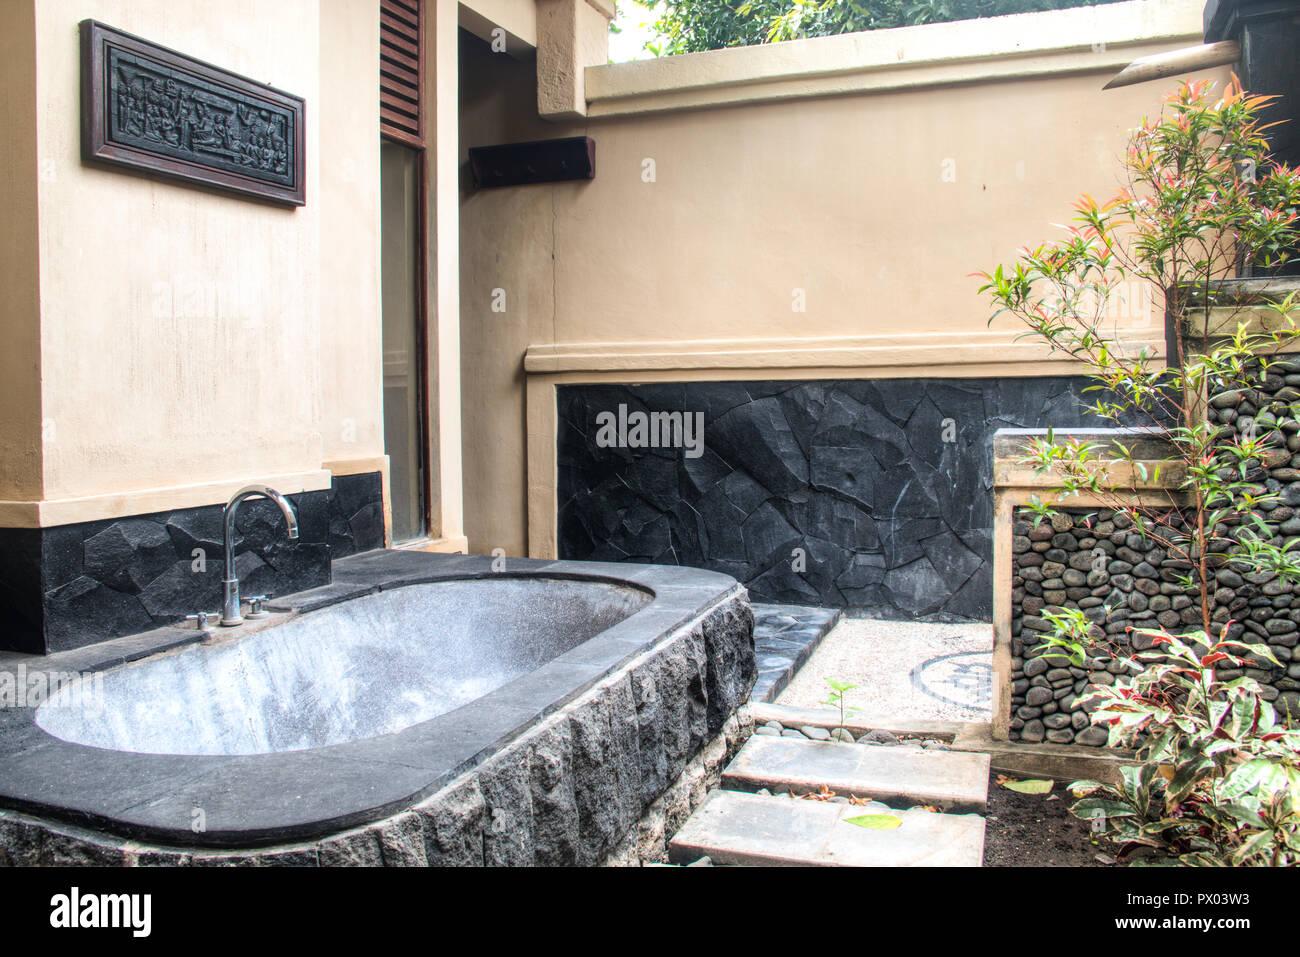 Vasca Da Bagno In Pietra : Bagno esterno con vasca da bagno in pietra in un lussuoso hotel di